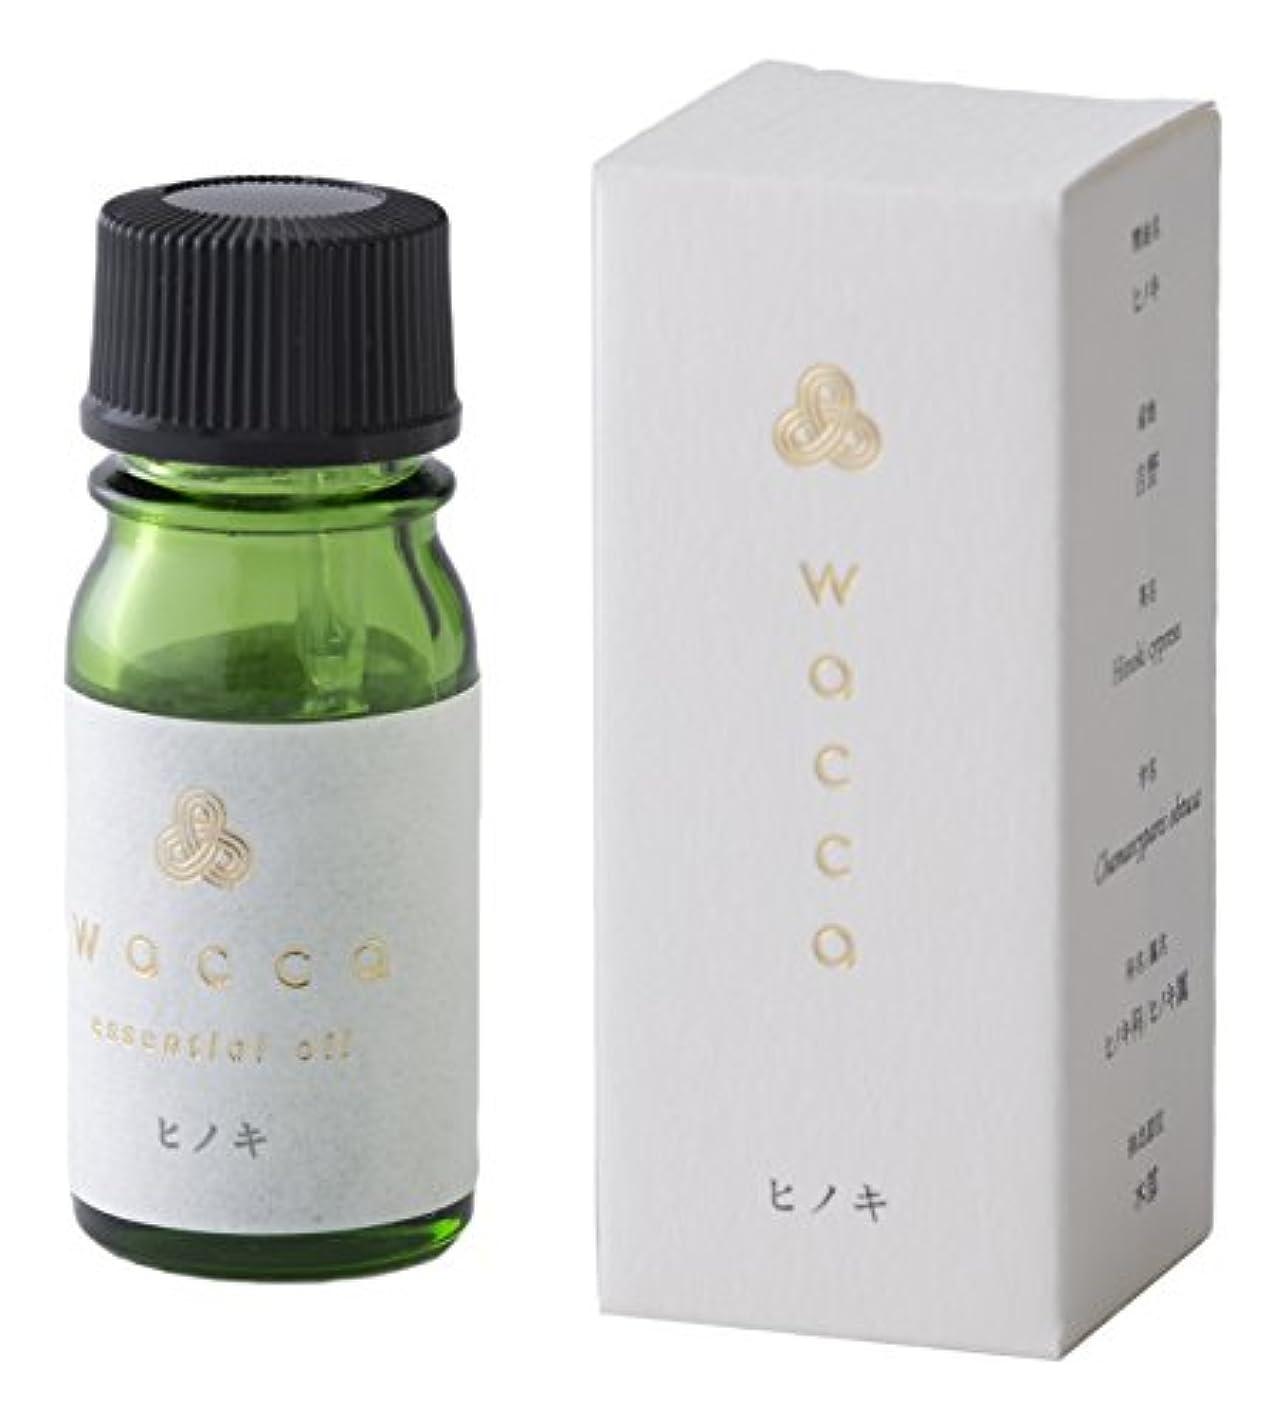 たっぷりマインドフル明らかにwacca ワッカ エッセンシャルオイル 5ml 檜 ヒノキ Hinoki cypress essential oil 和精油 KUSU HANDMADE